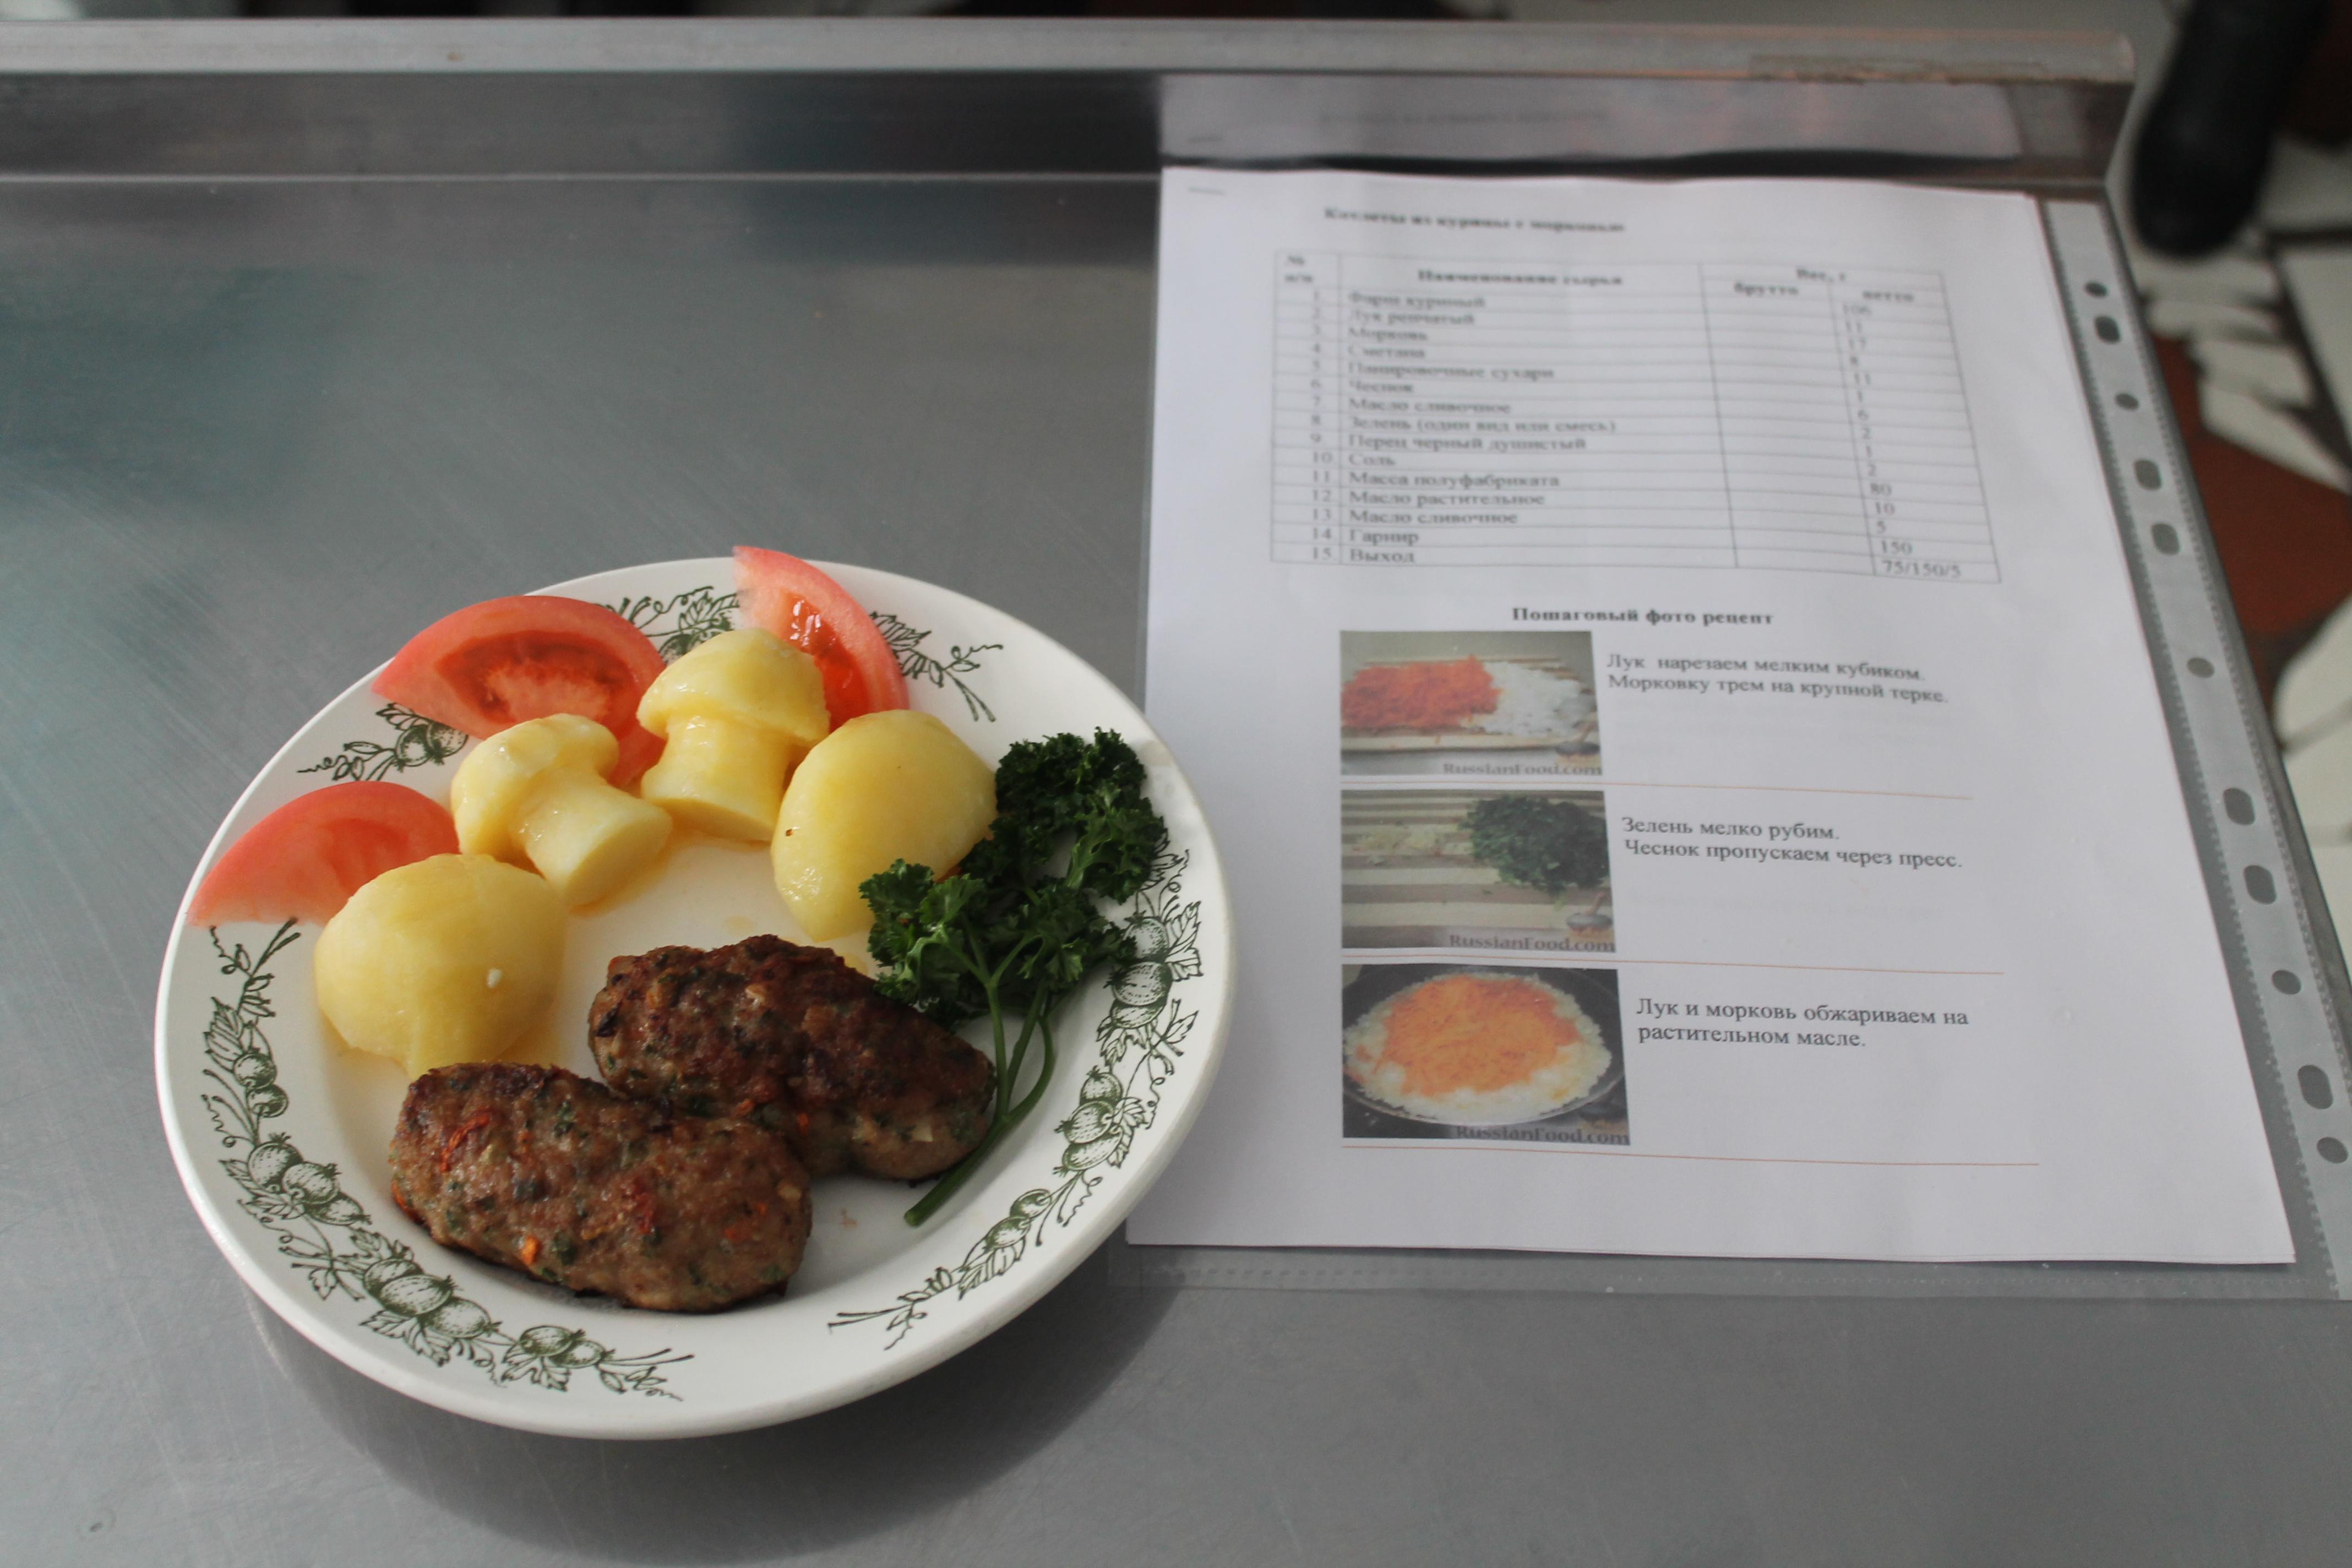 презентация к конкурсу по профессии повар